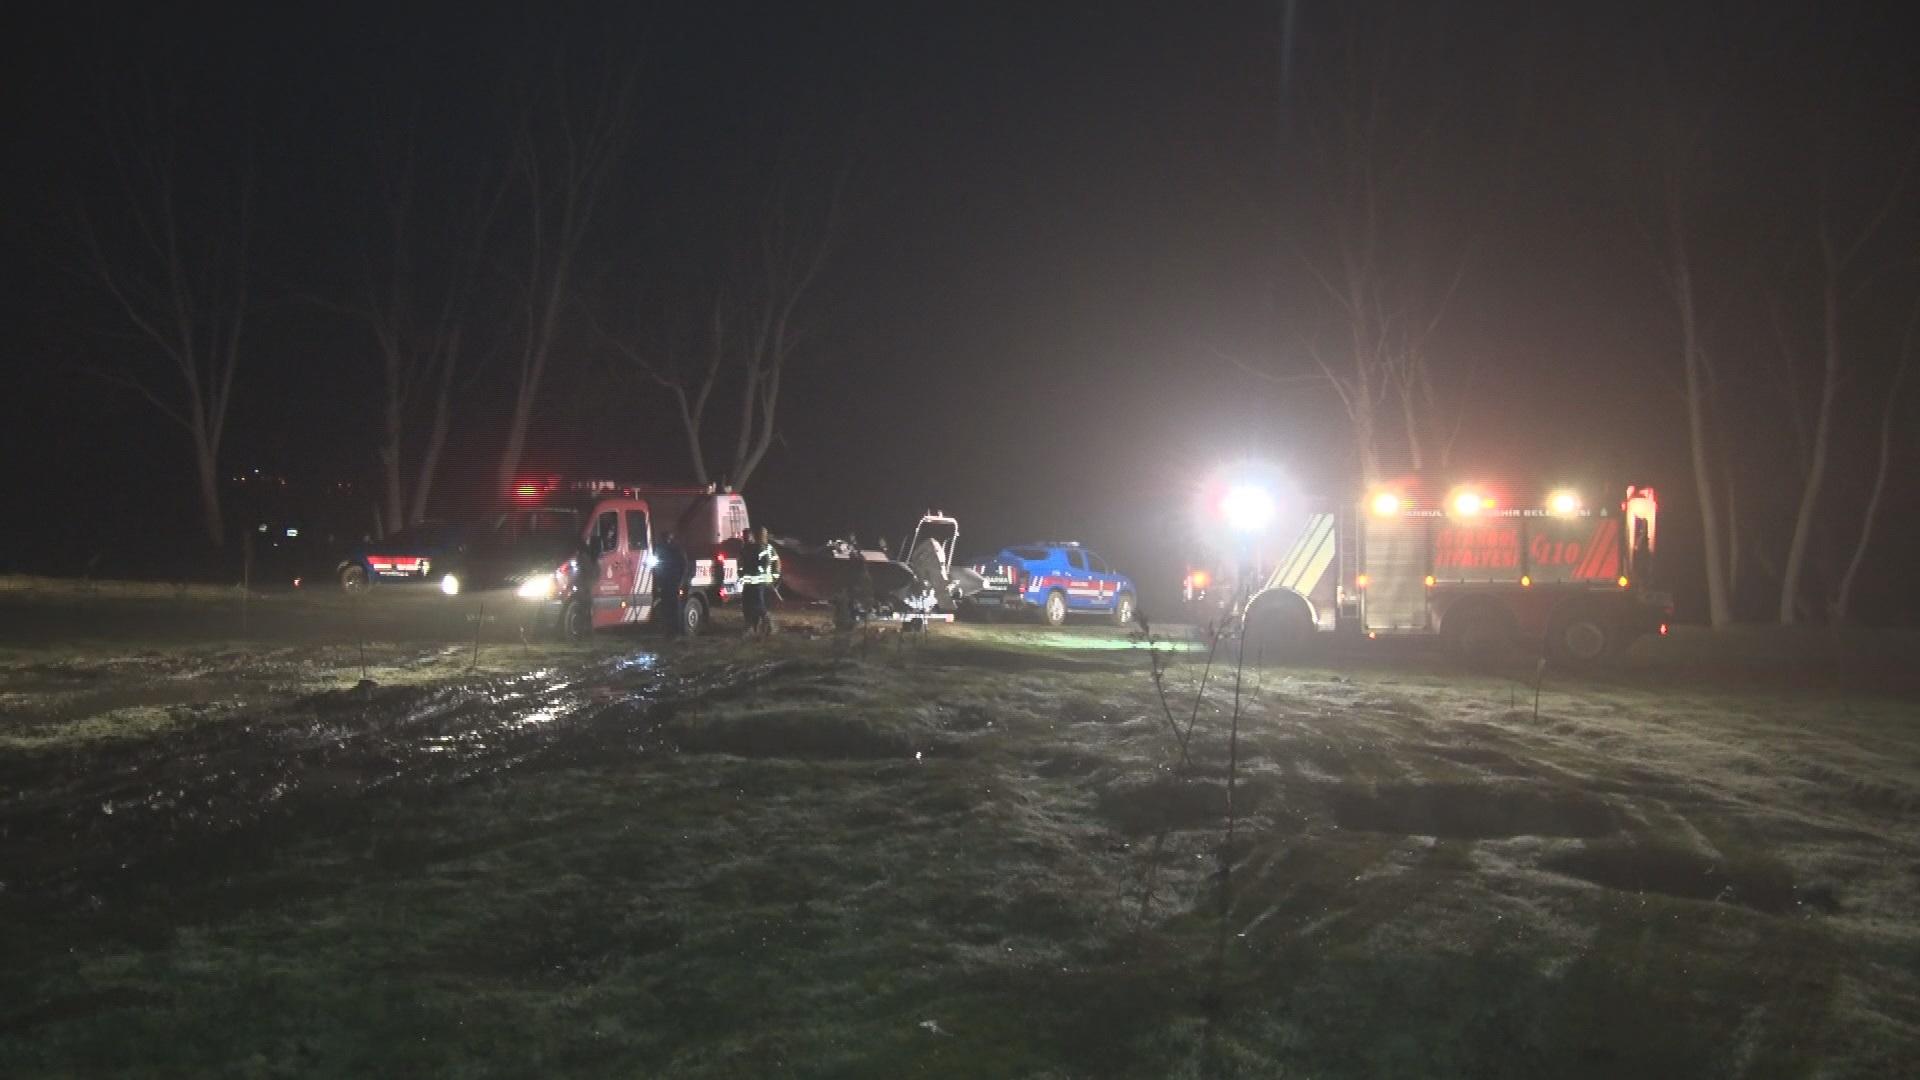 Terkos Gölü'nde tekne alabora oldu! 2 kişi kayıp